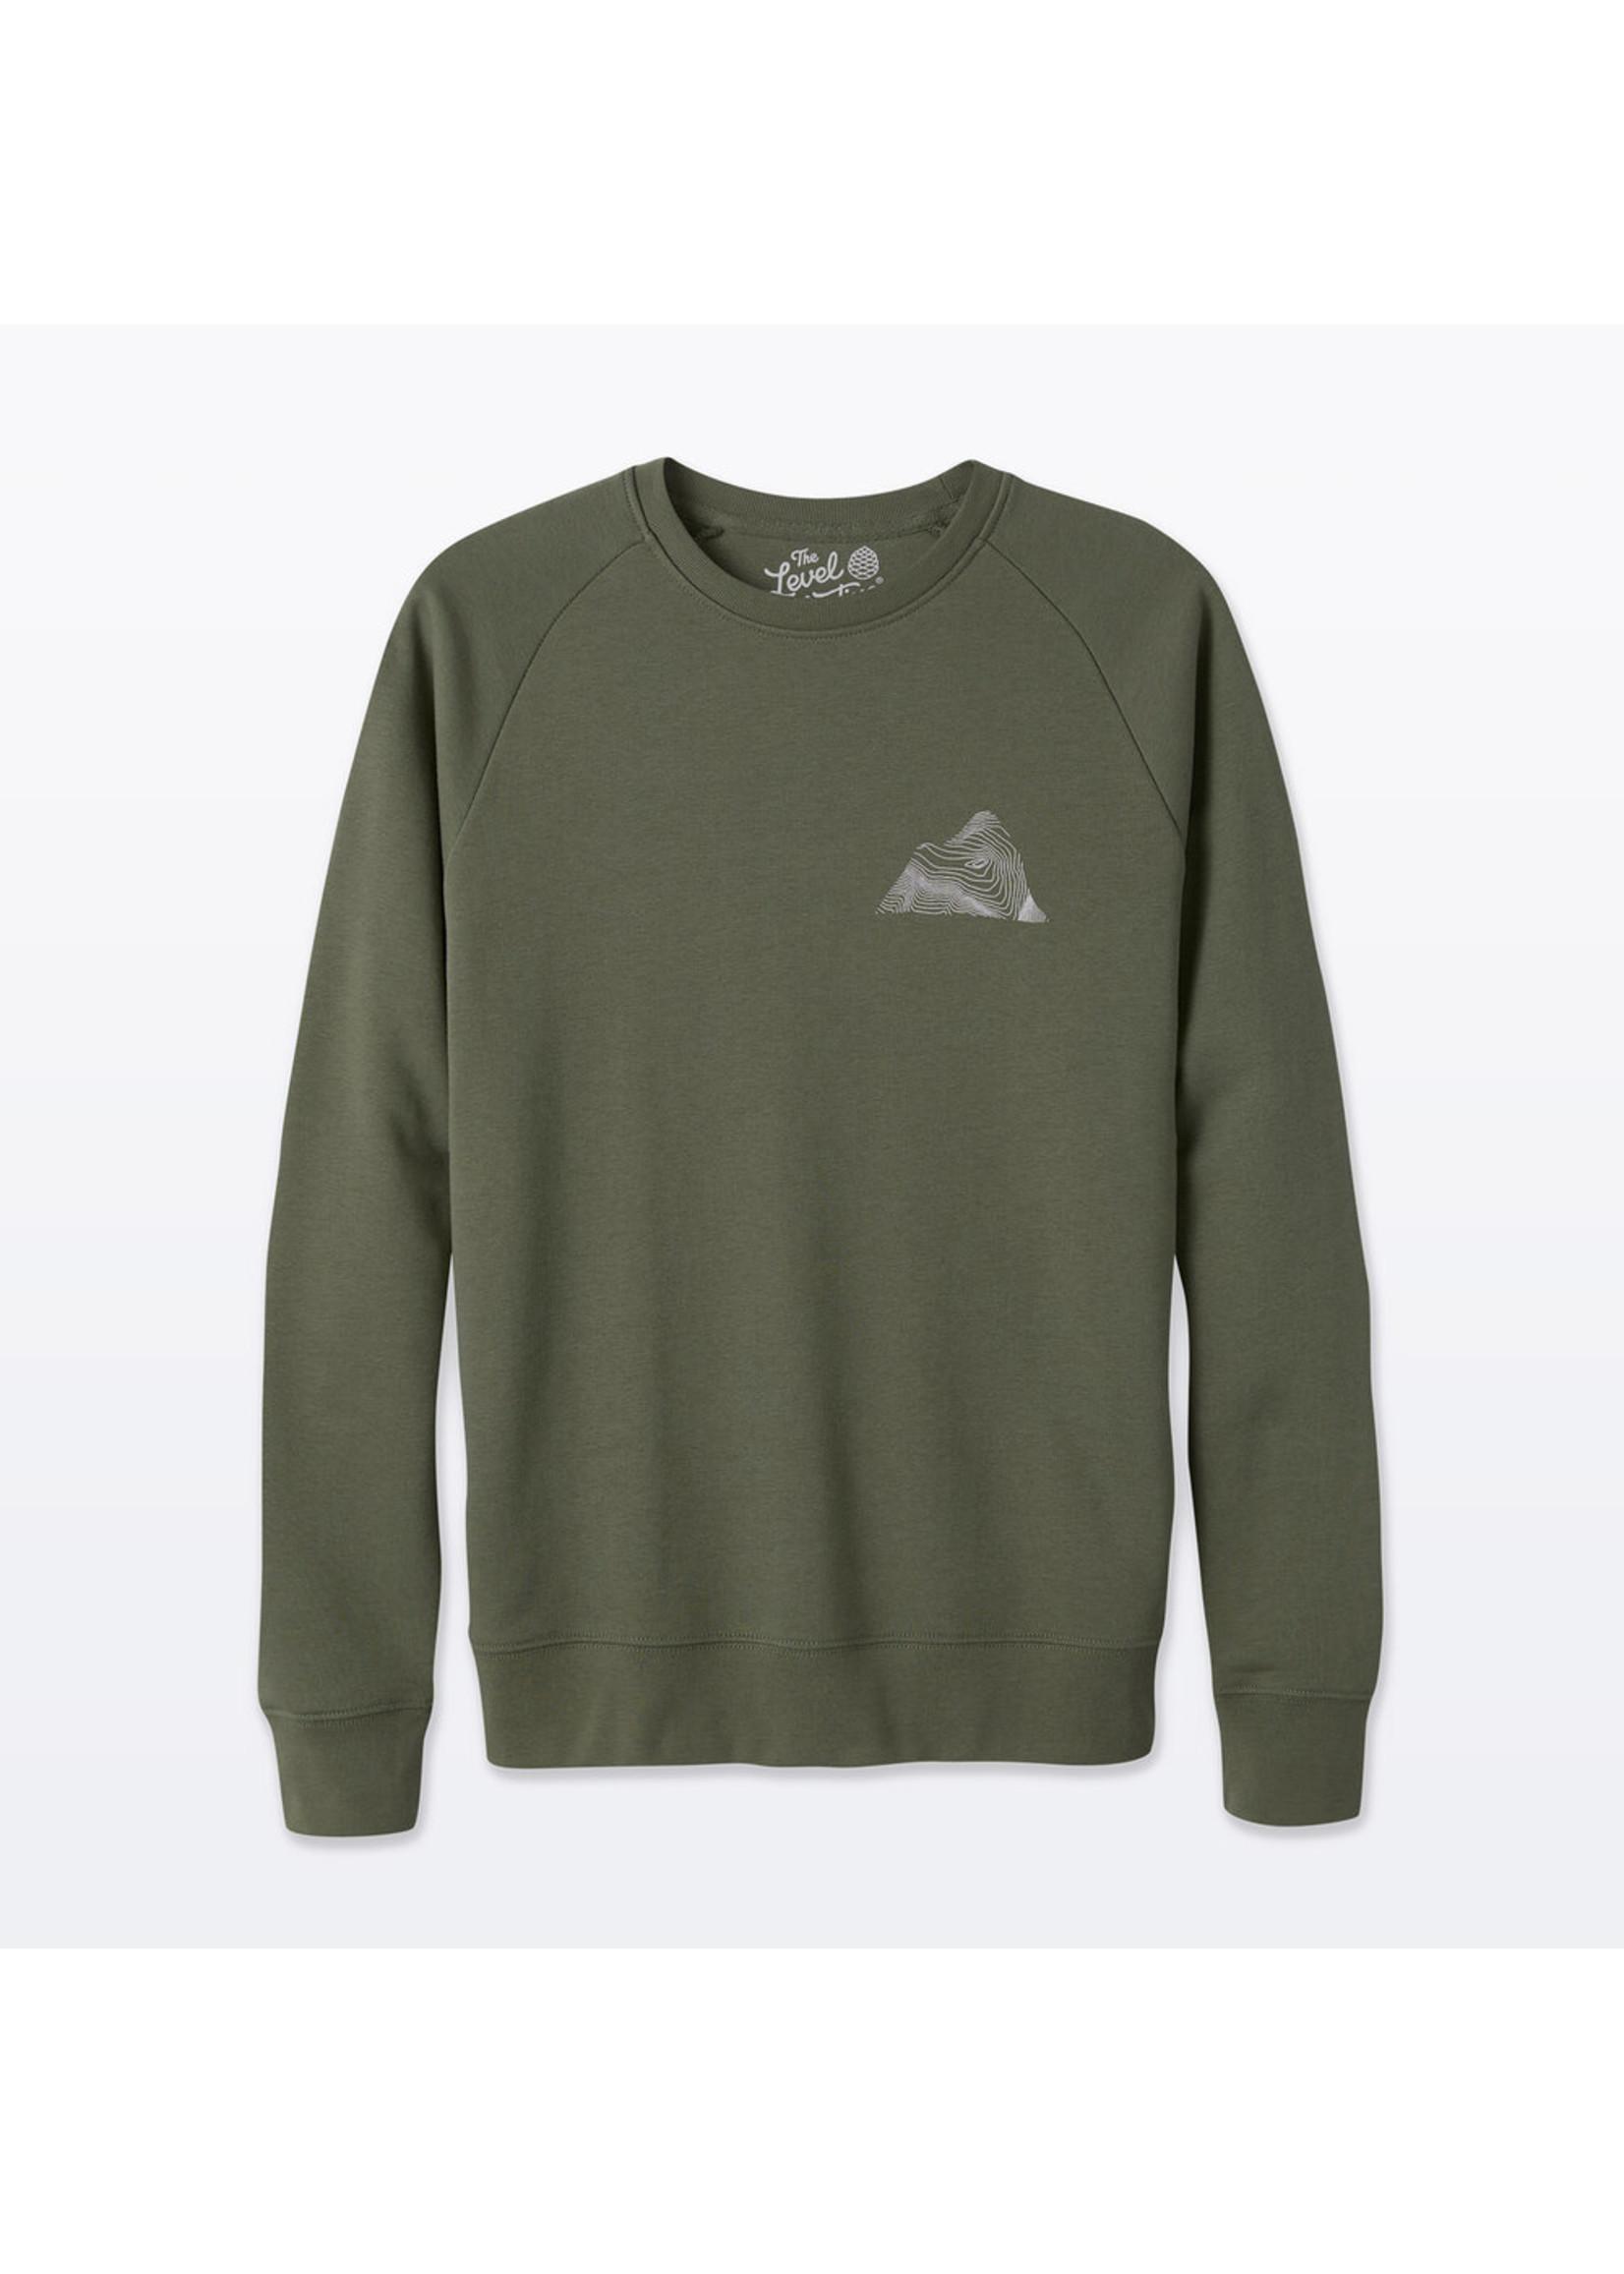 The Level Collective The Level Collective Peaks Sweater Khaki